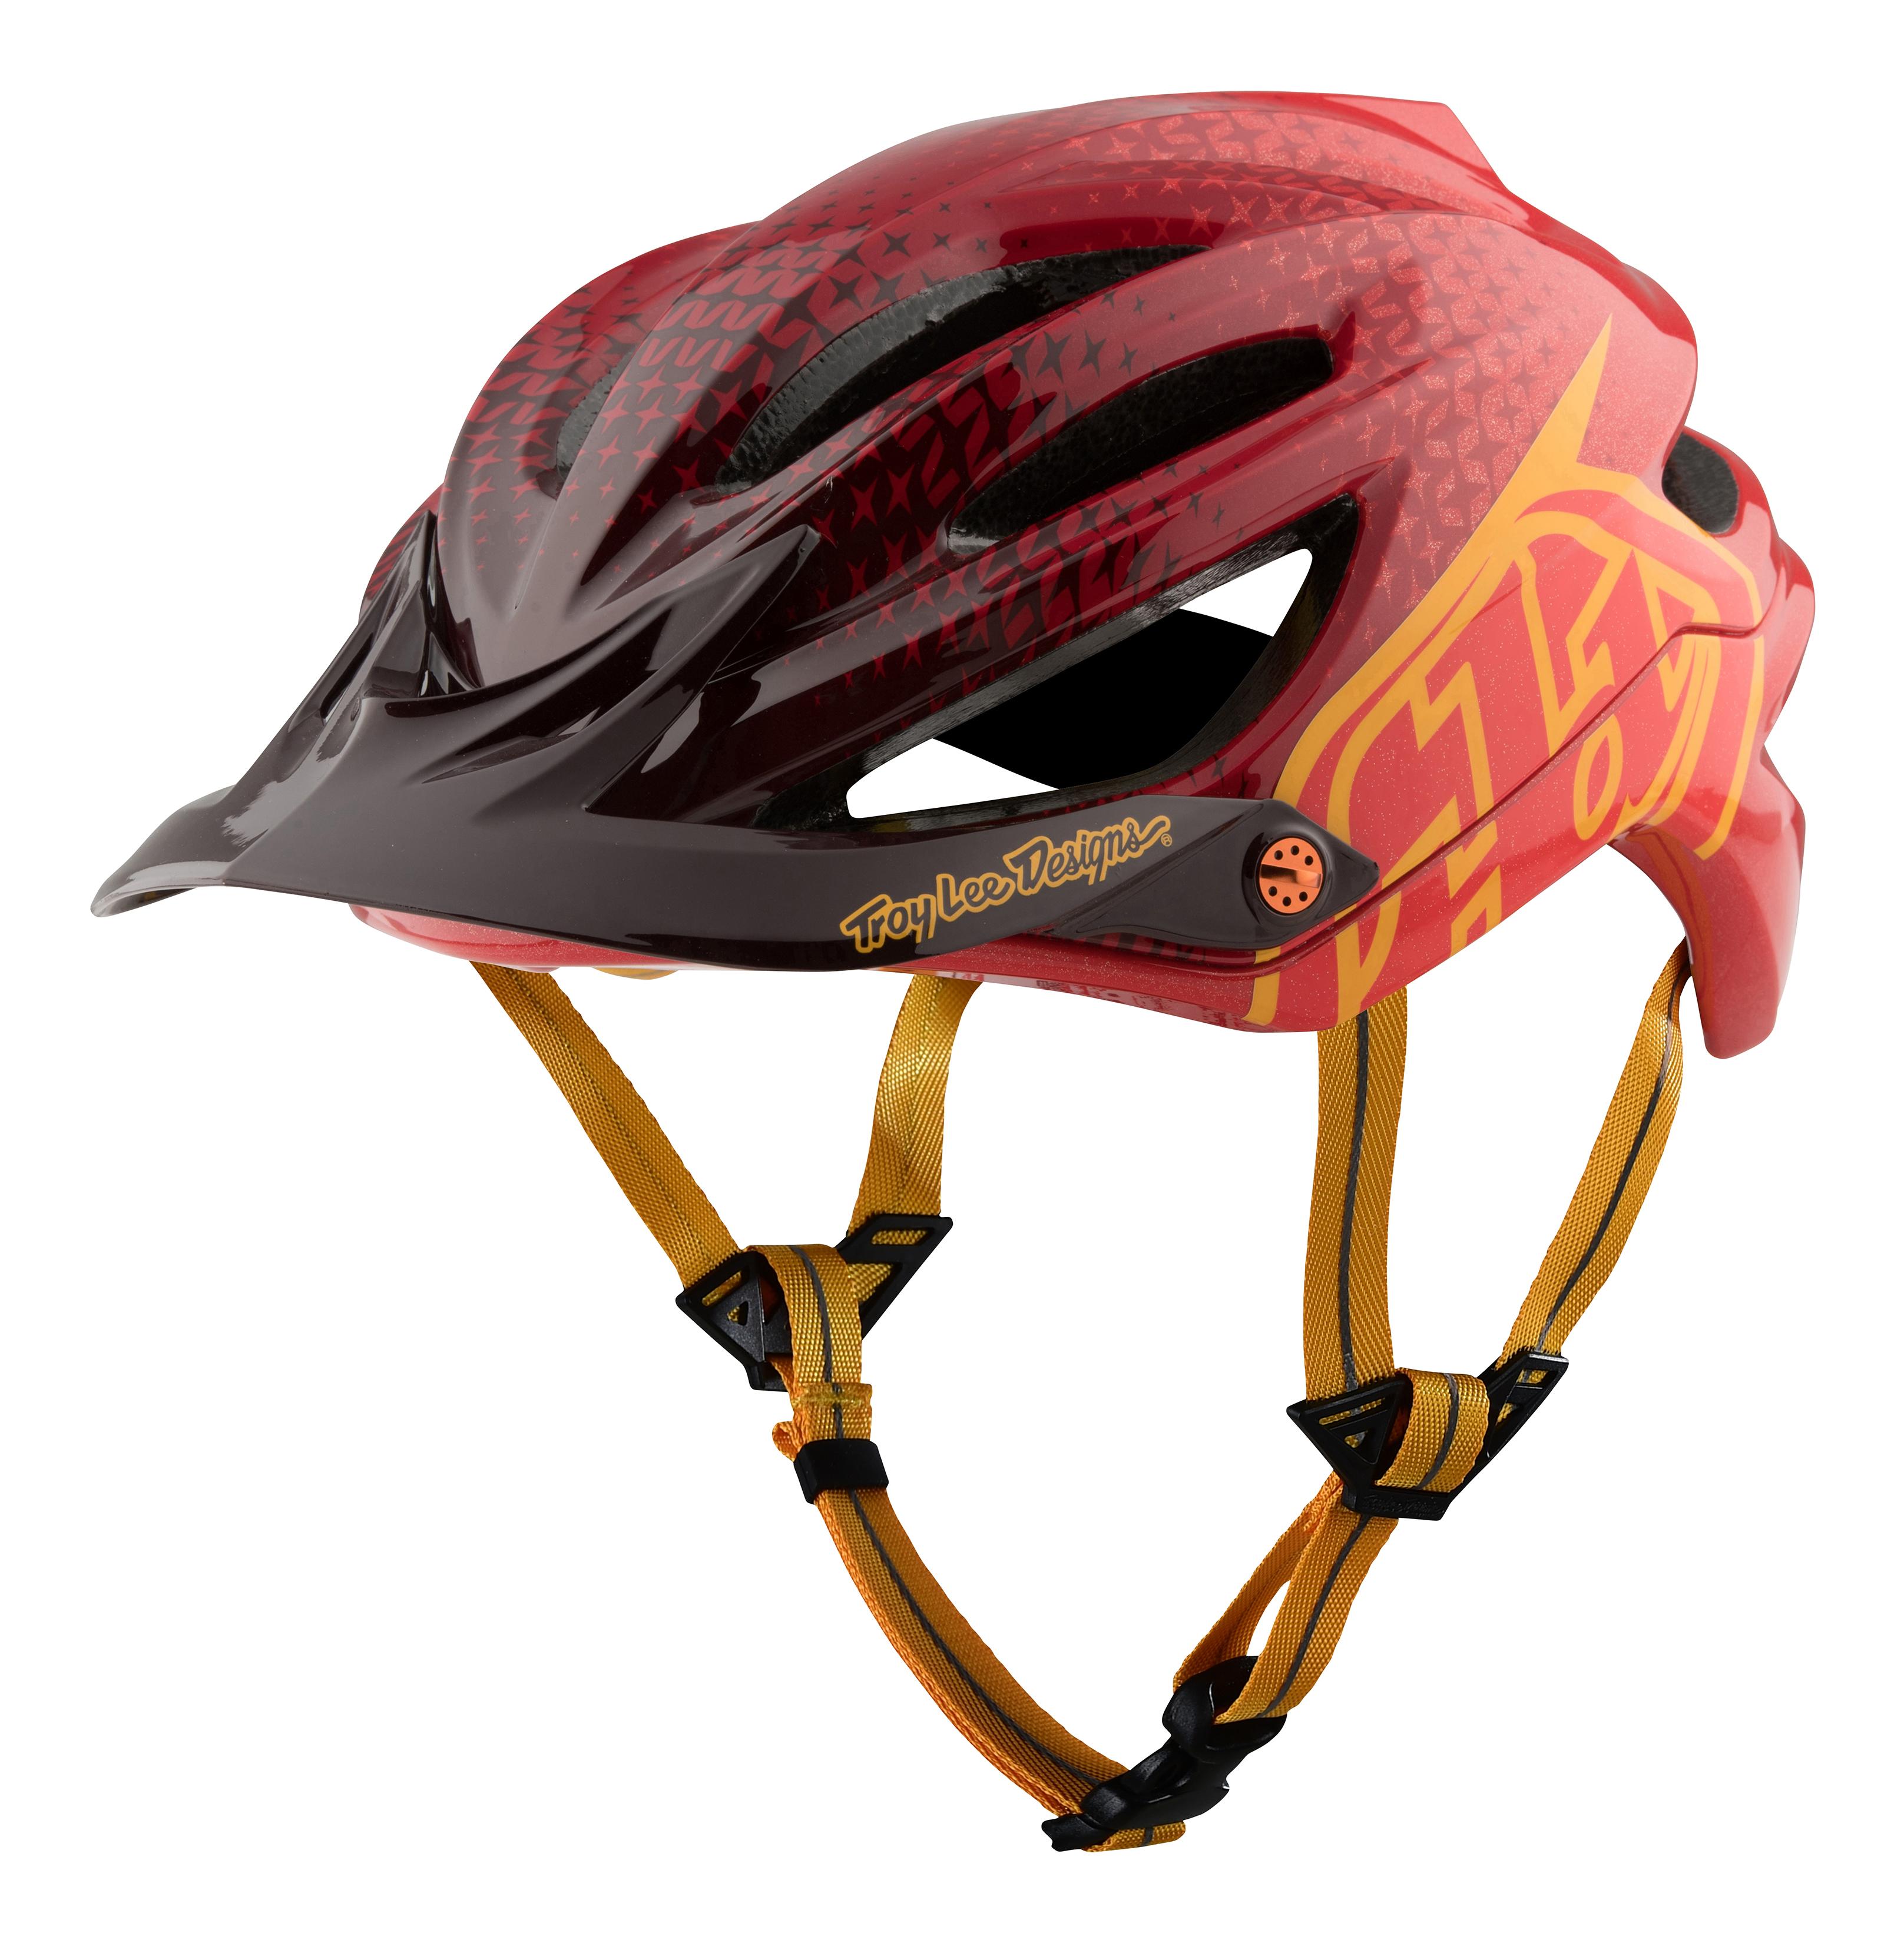 Troy Lee Designs Offers New A2 Mips Mountain Bike Helmet